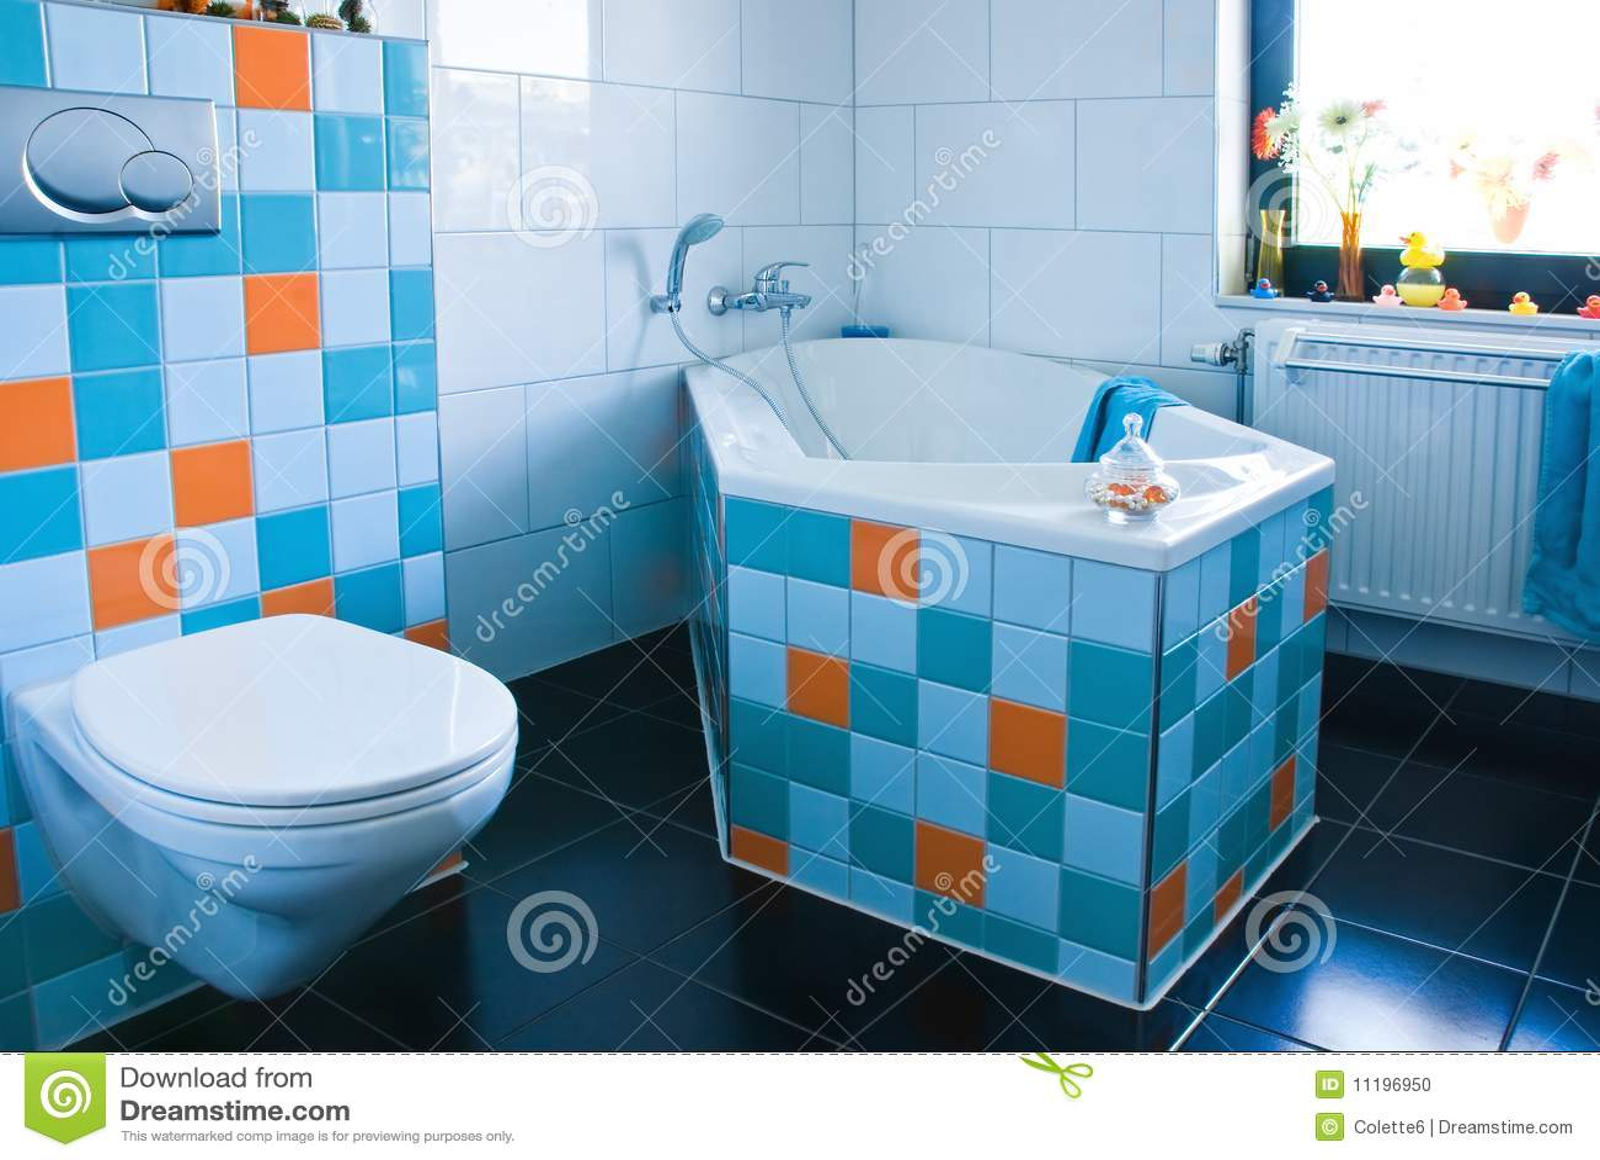 Banheiro Branco E Azul Colorido Com Assoalho Preto Foto de Stock  #B34F18 1300x960 Banheiro Branco Pequeno Decorado